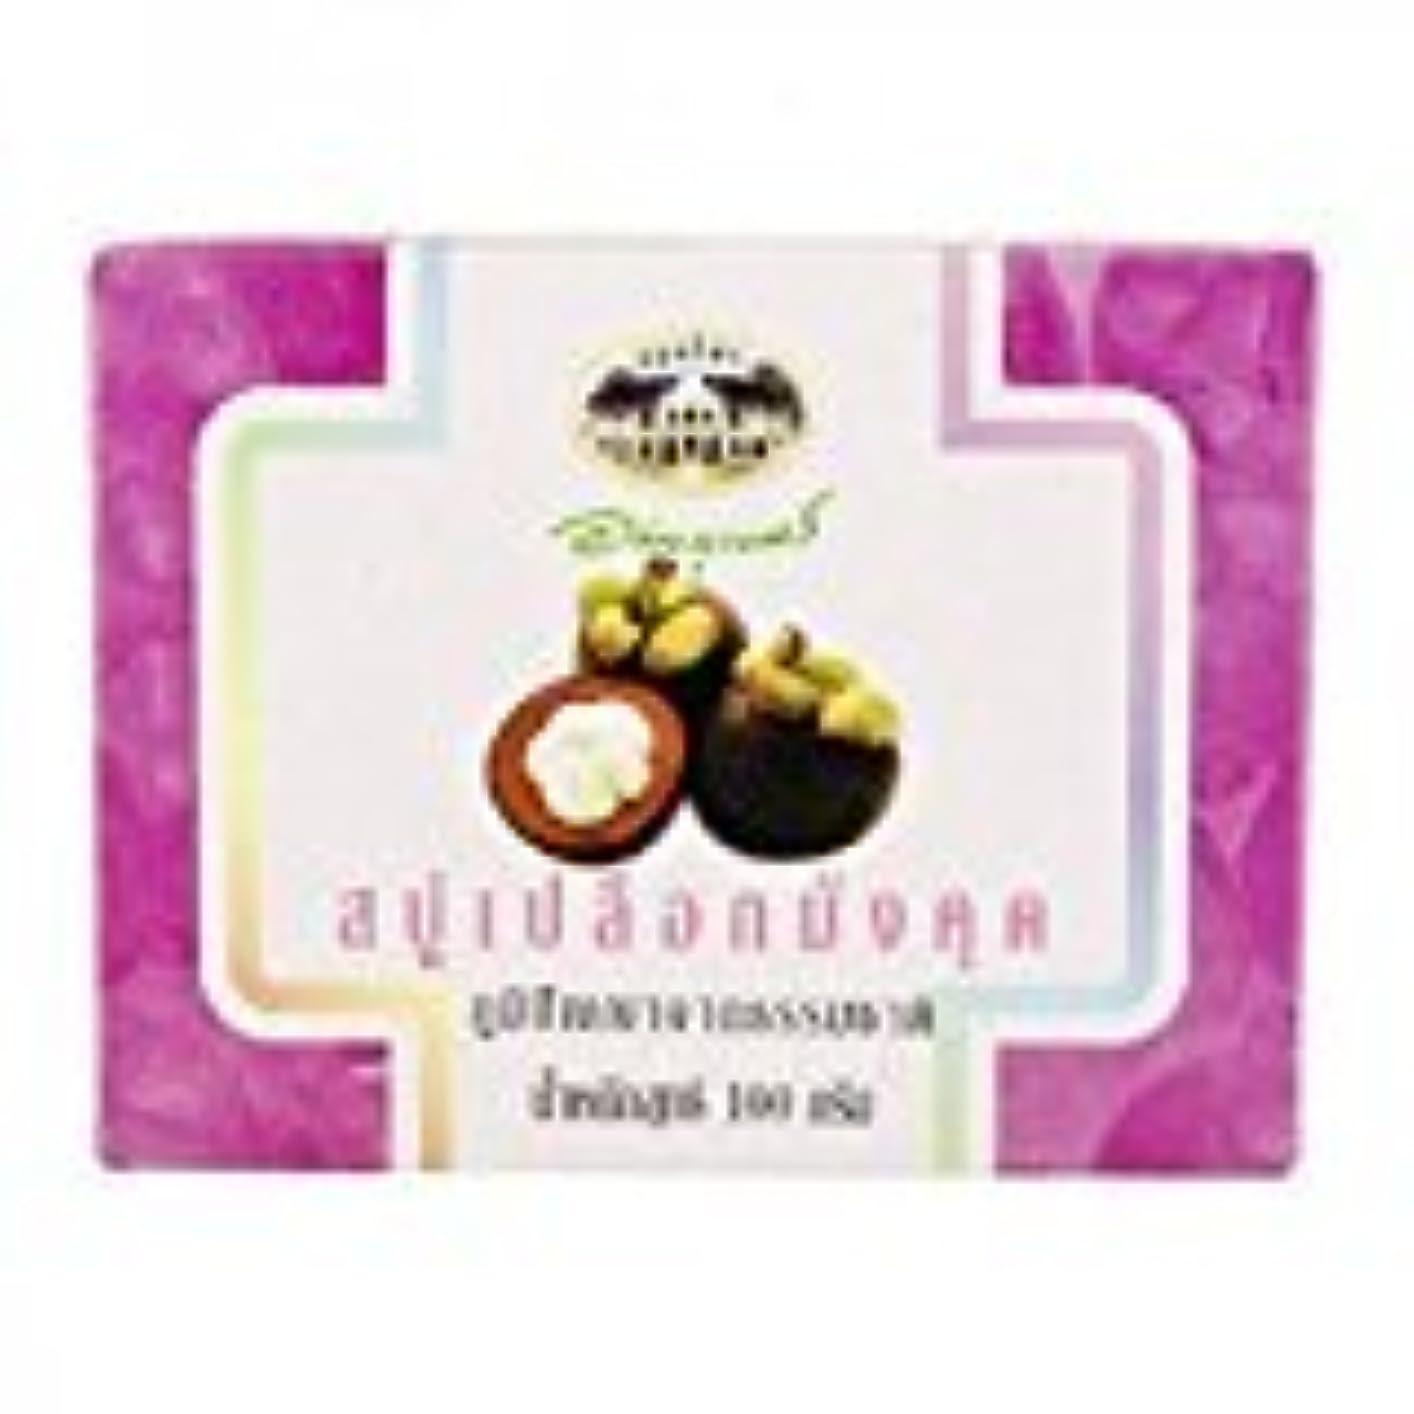 湖スライム解釈的マンゴスチン石鹸 abhaibhubejhr Mangosteen Peel Soap 100g 1個